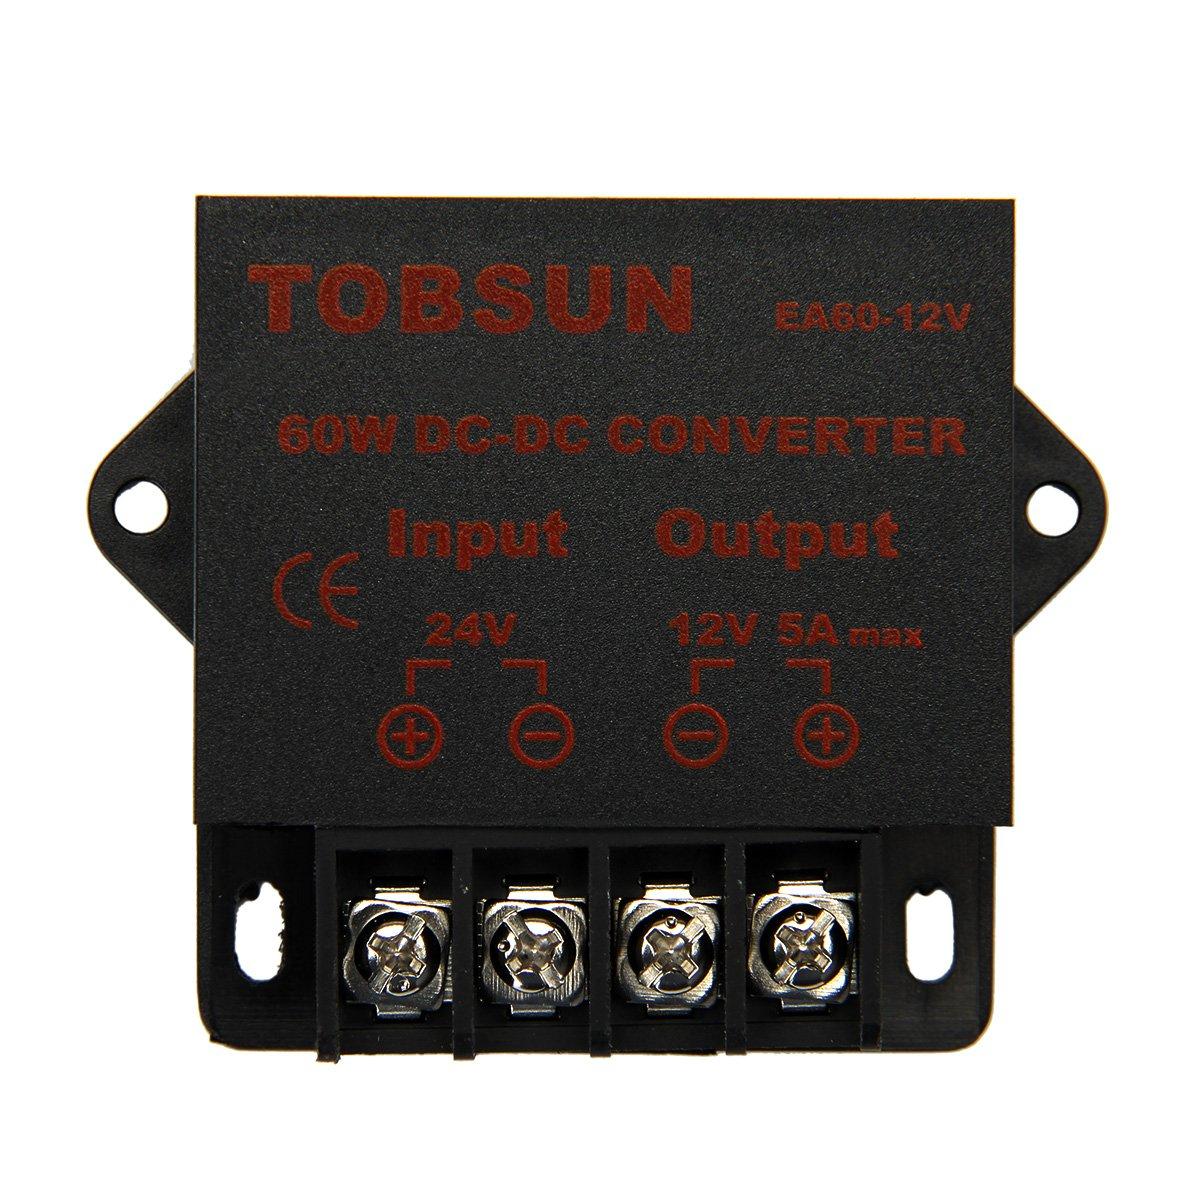 EPBOWPT Voltage Converter DC 24V36V 48V to 12V Buck Converter (24V to 12V 5A, 24V to 12V 60W)